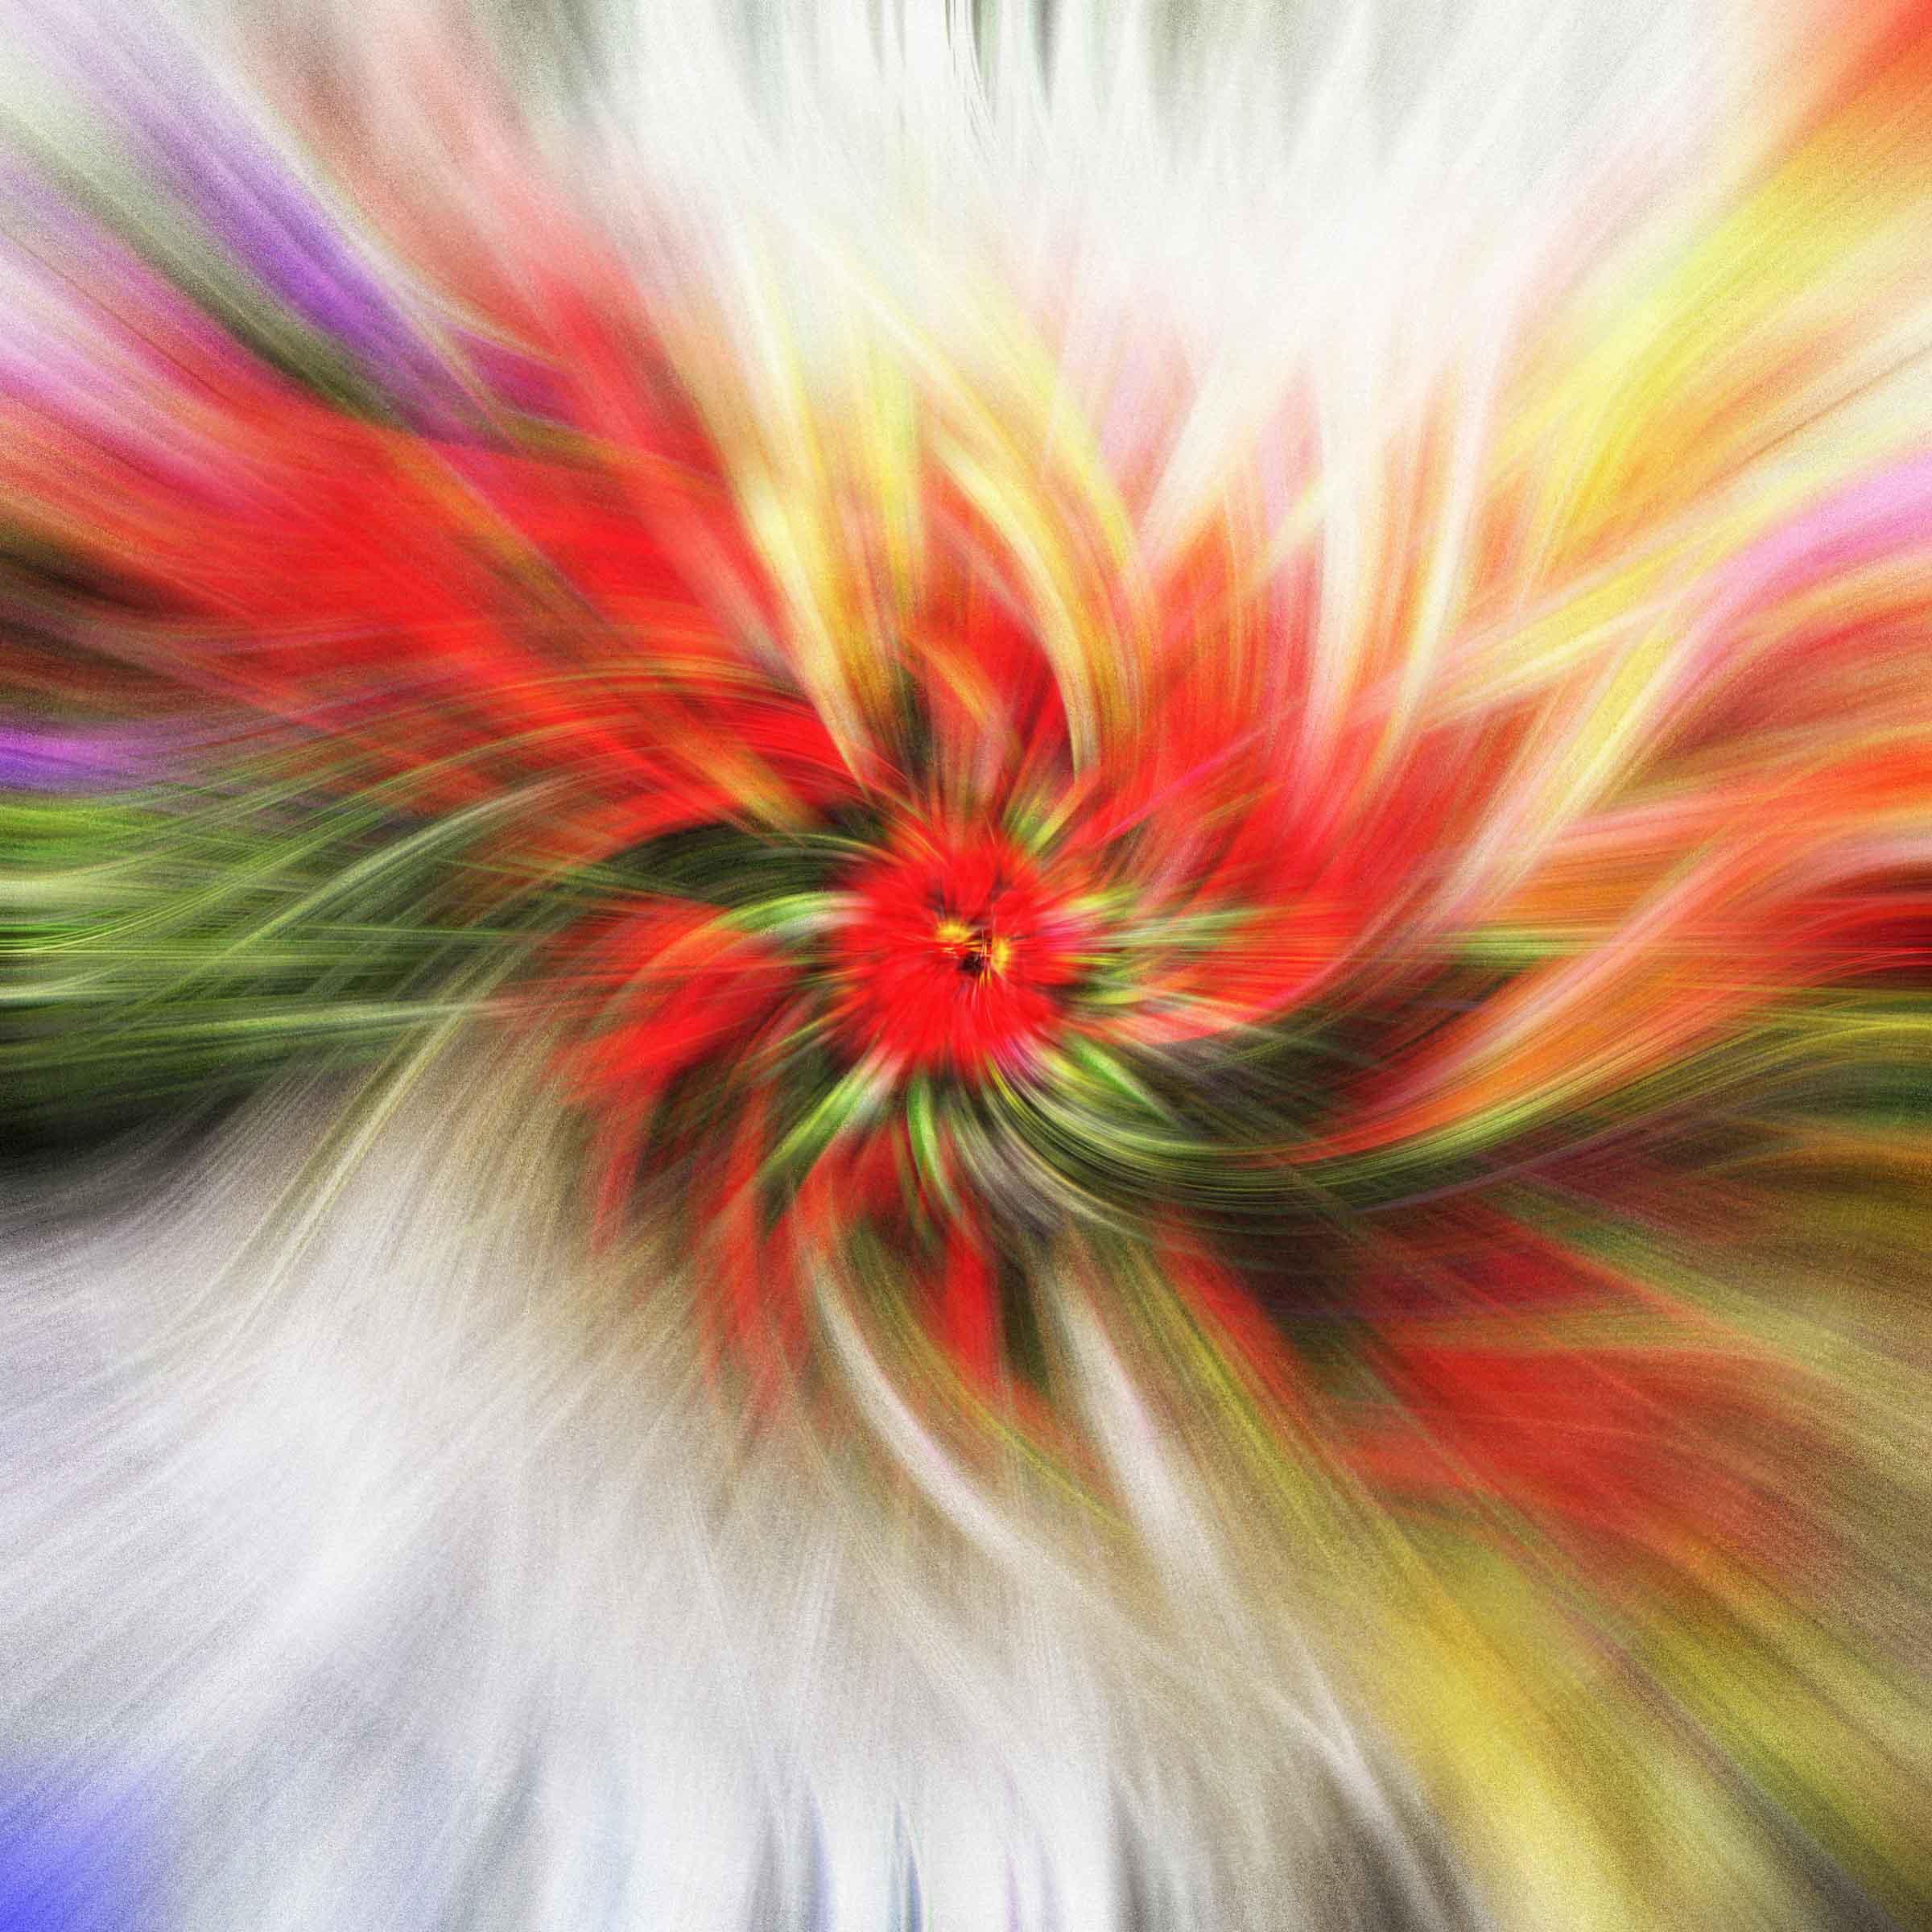 Twirl effect image